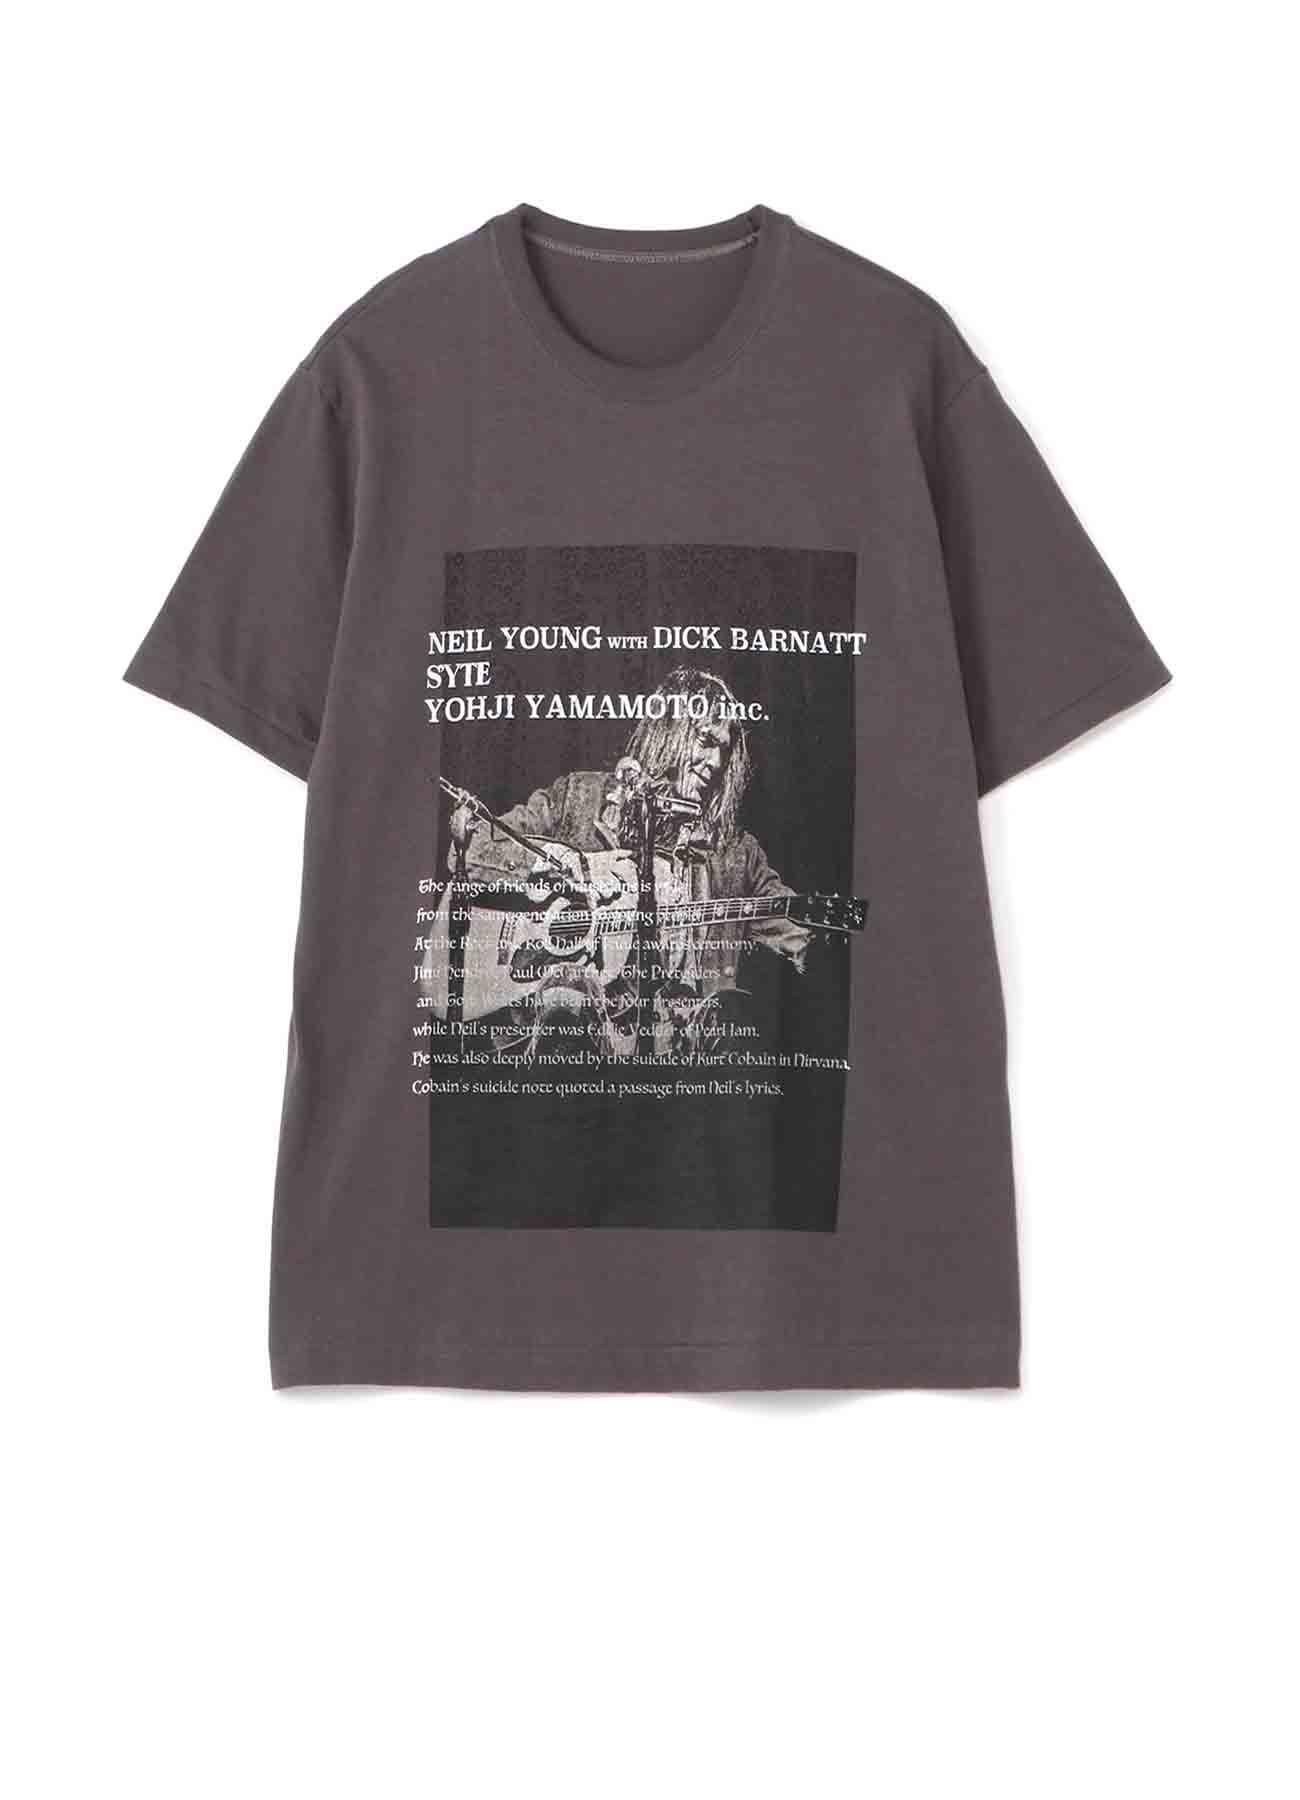 S'YTE × Dick Barnatt / Neil Young T-shirt